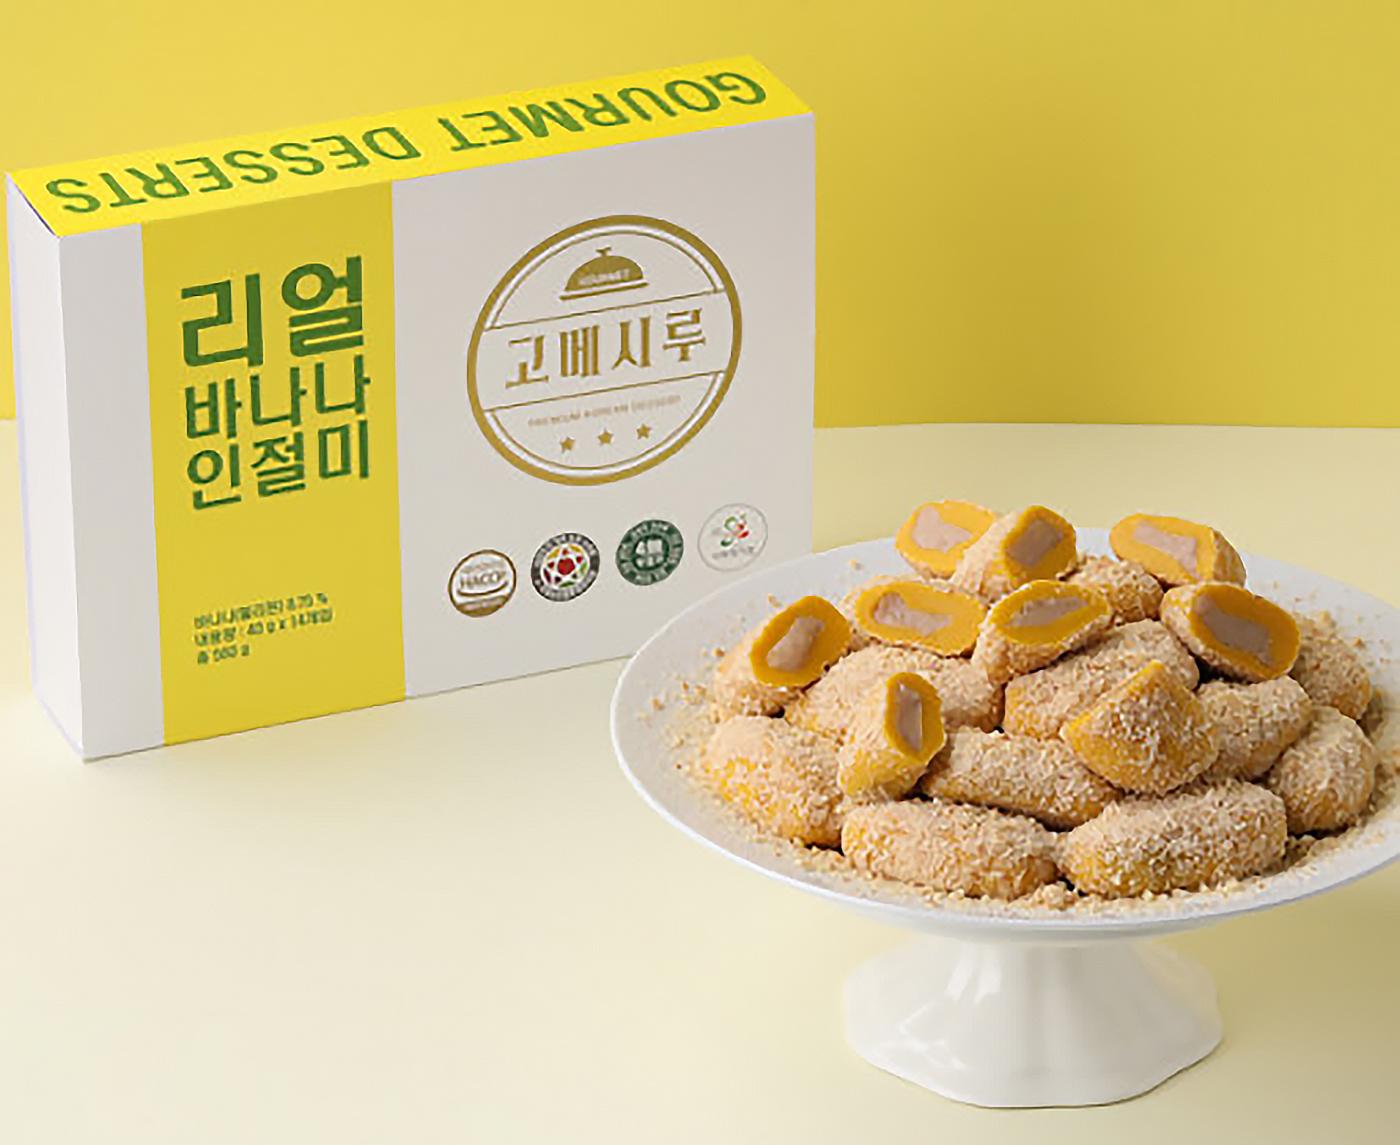 굳지 않는 리얼 바나나 모찌 찹쌀떡 (16입) 상세이미지7